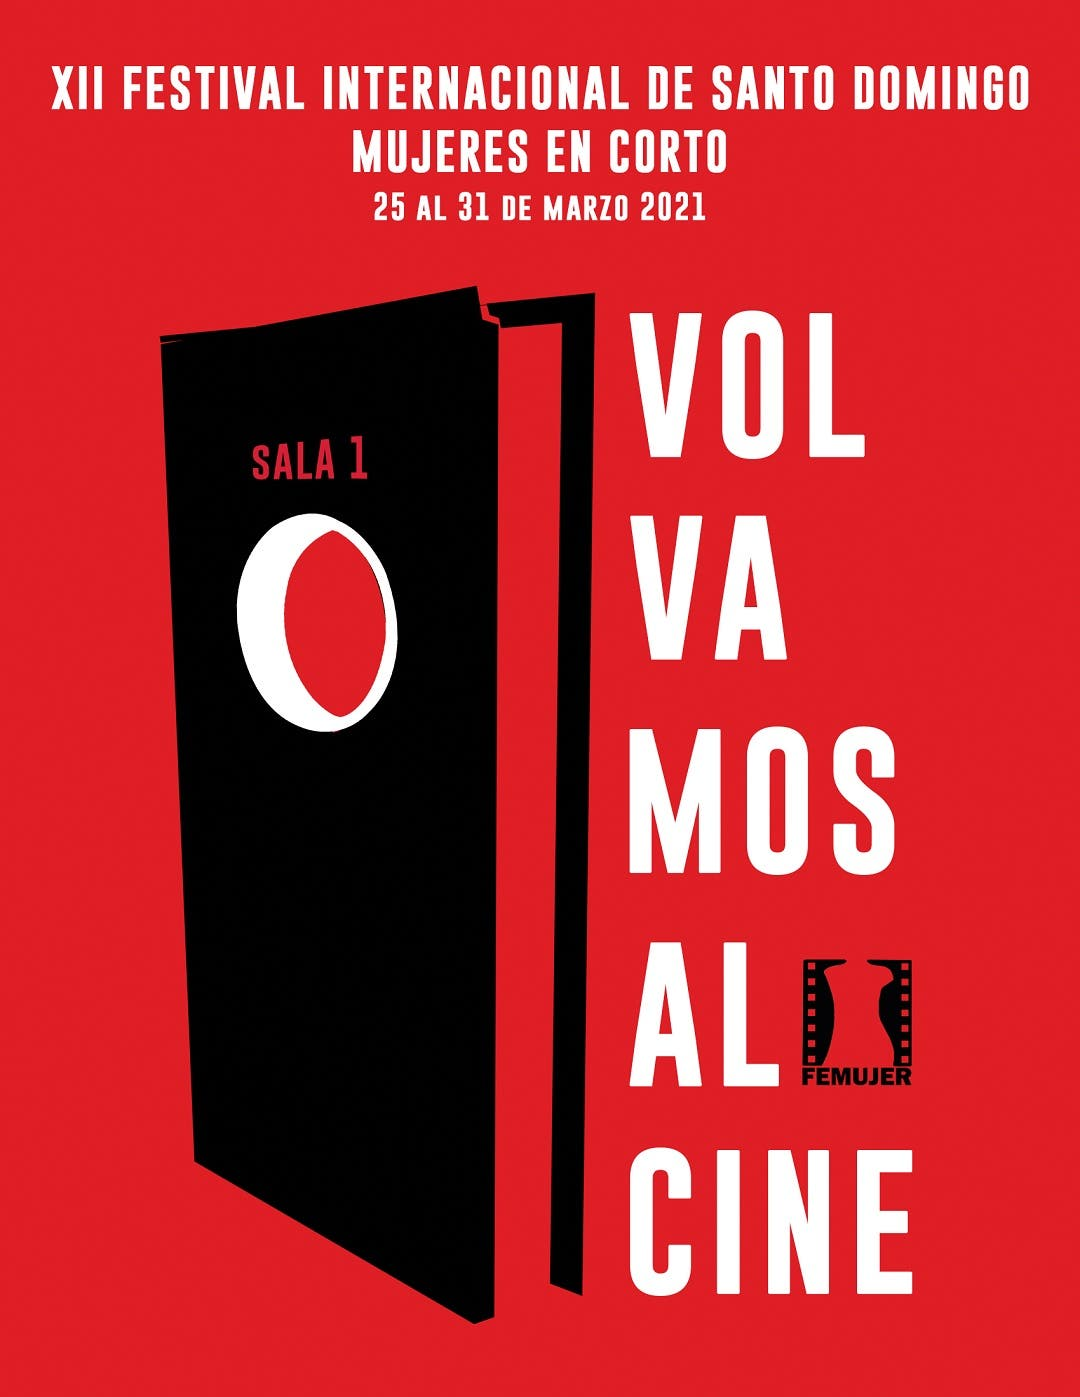 Comienza la XII edición del Festival Internacional de Santo Domingo Mujeres en Corto